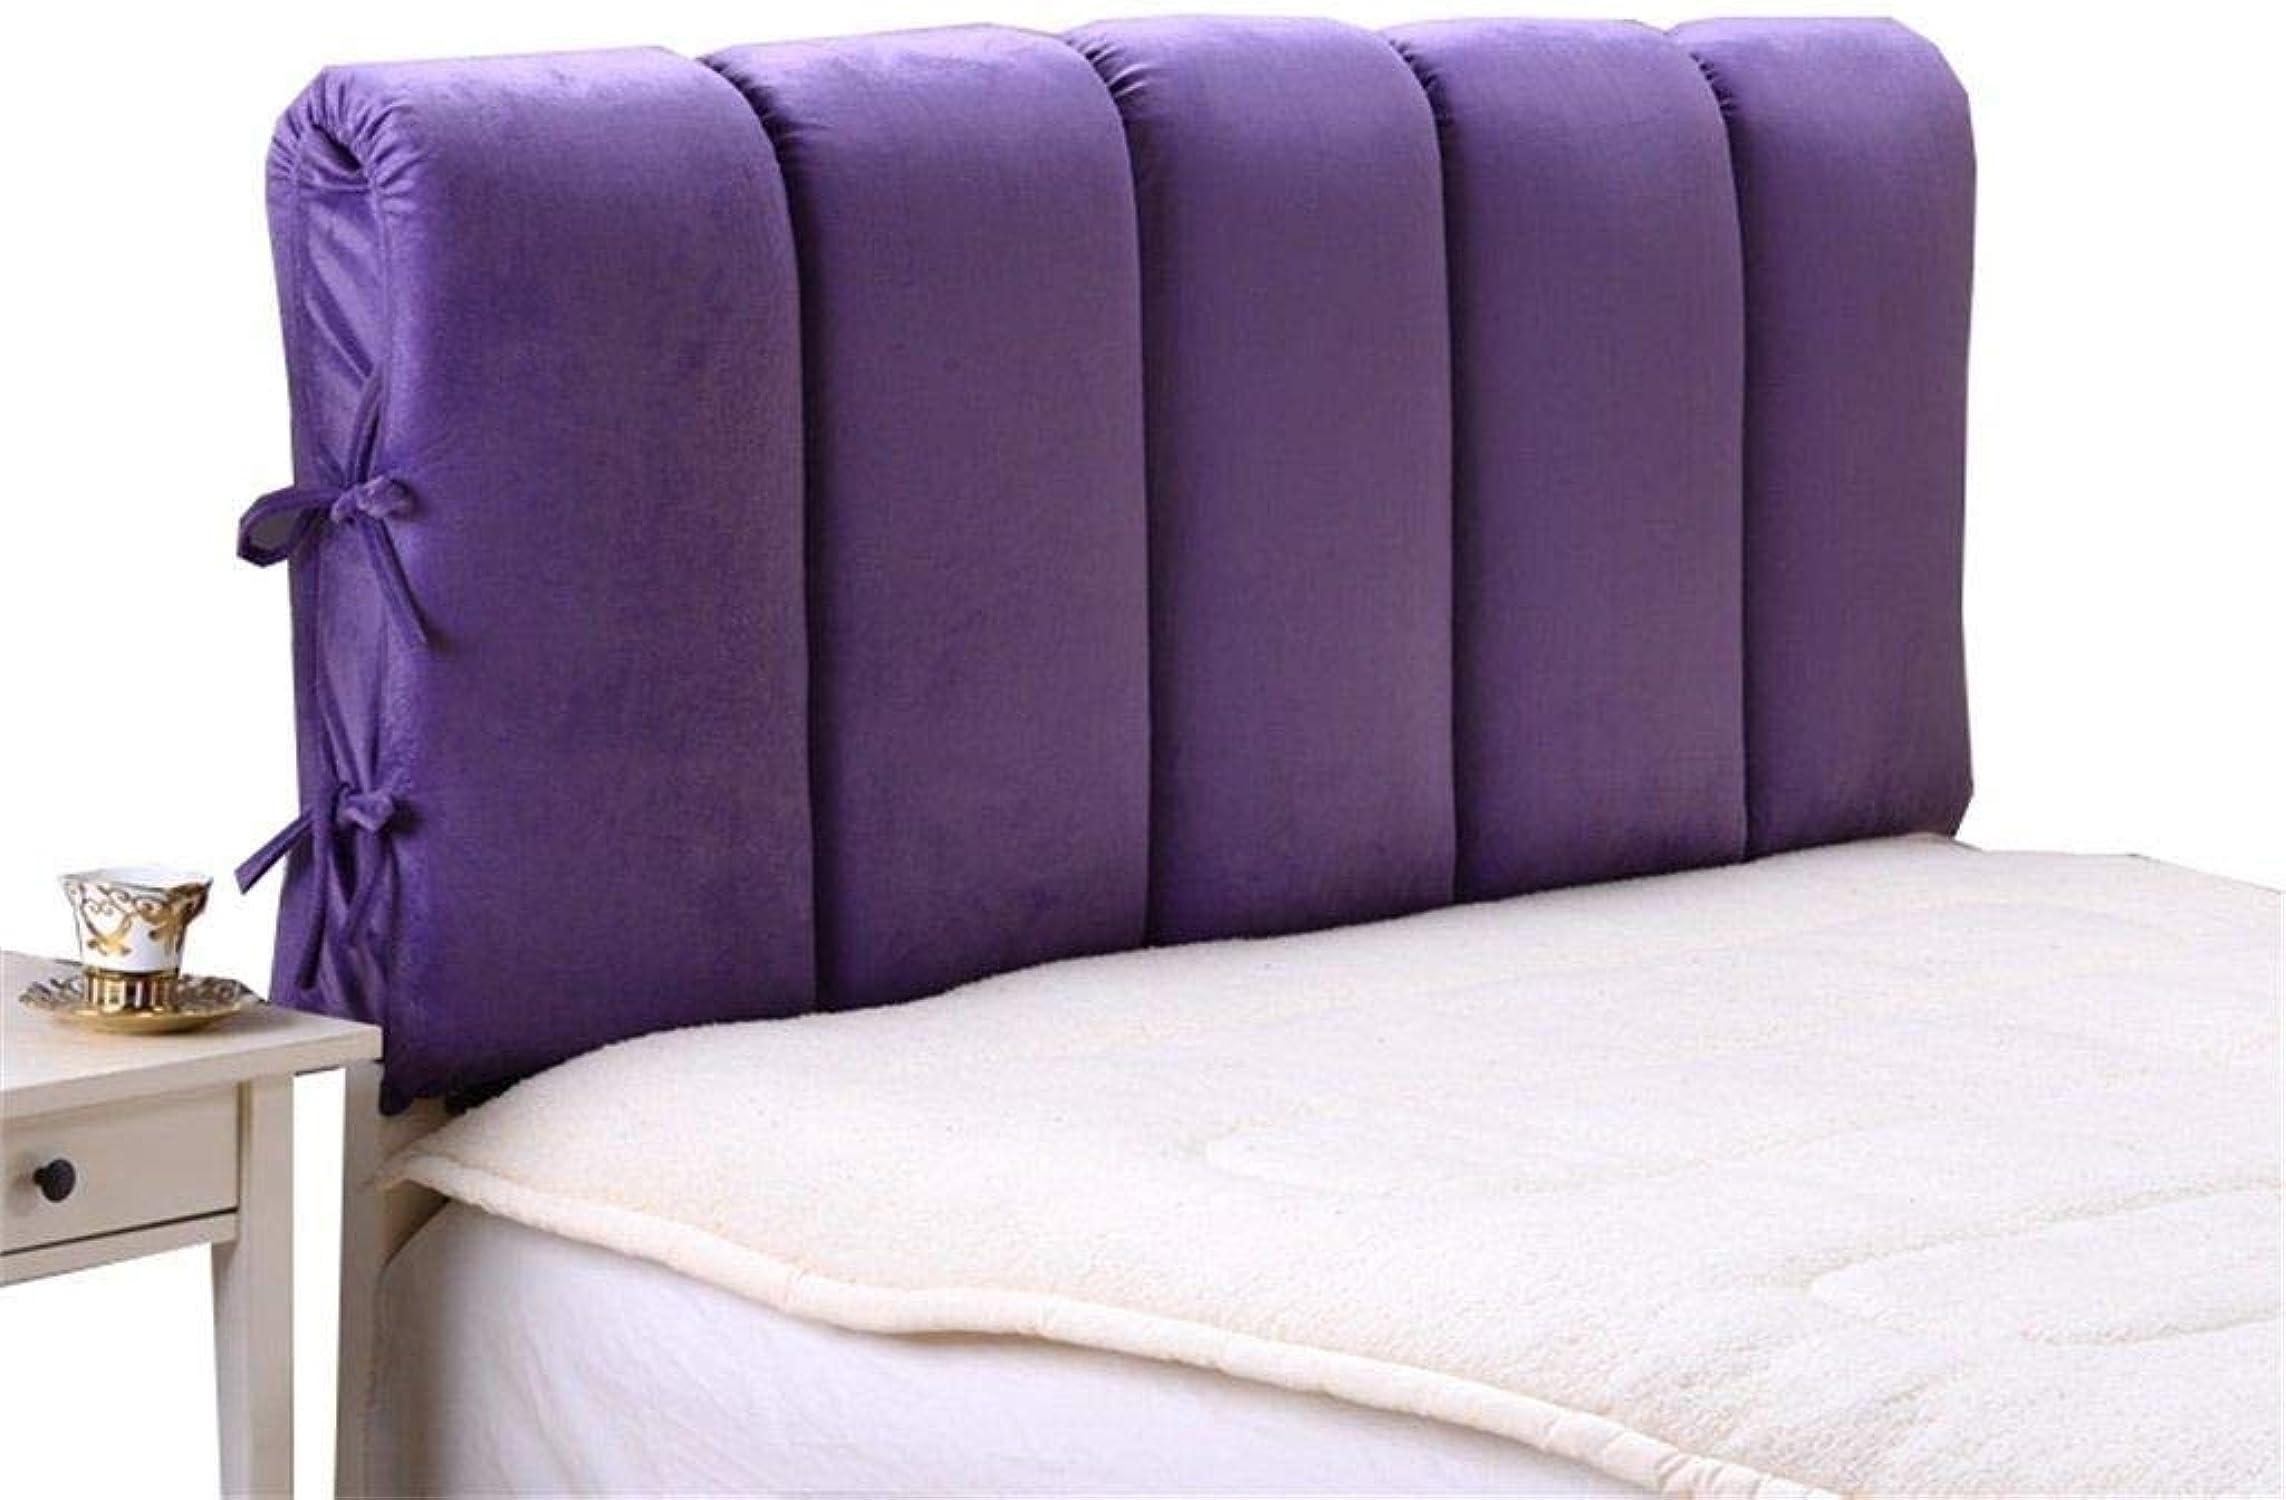 Oreiller standard Grand coussin de tête de lit oreiller Coussin Grand dossier amovible Literie canapé oreiller lombaire (Taille   160  60cm)